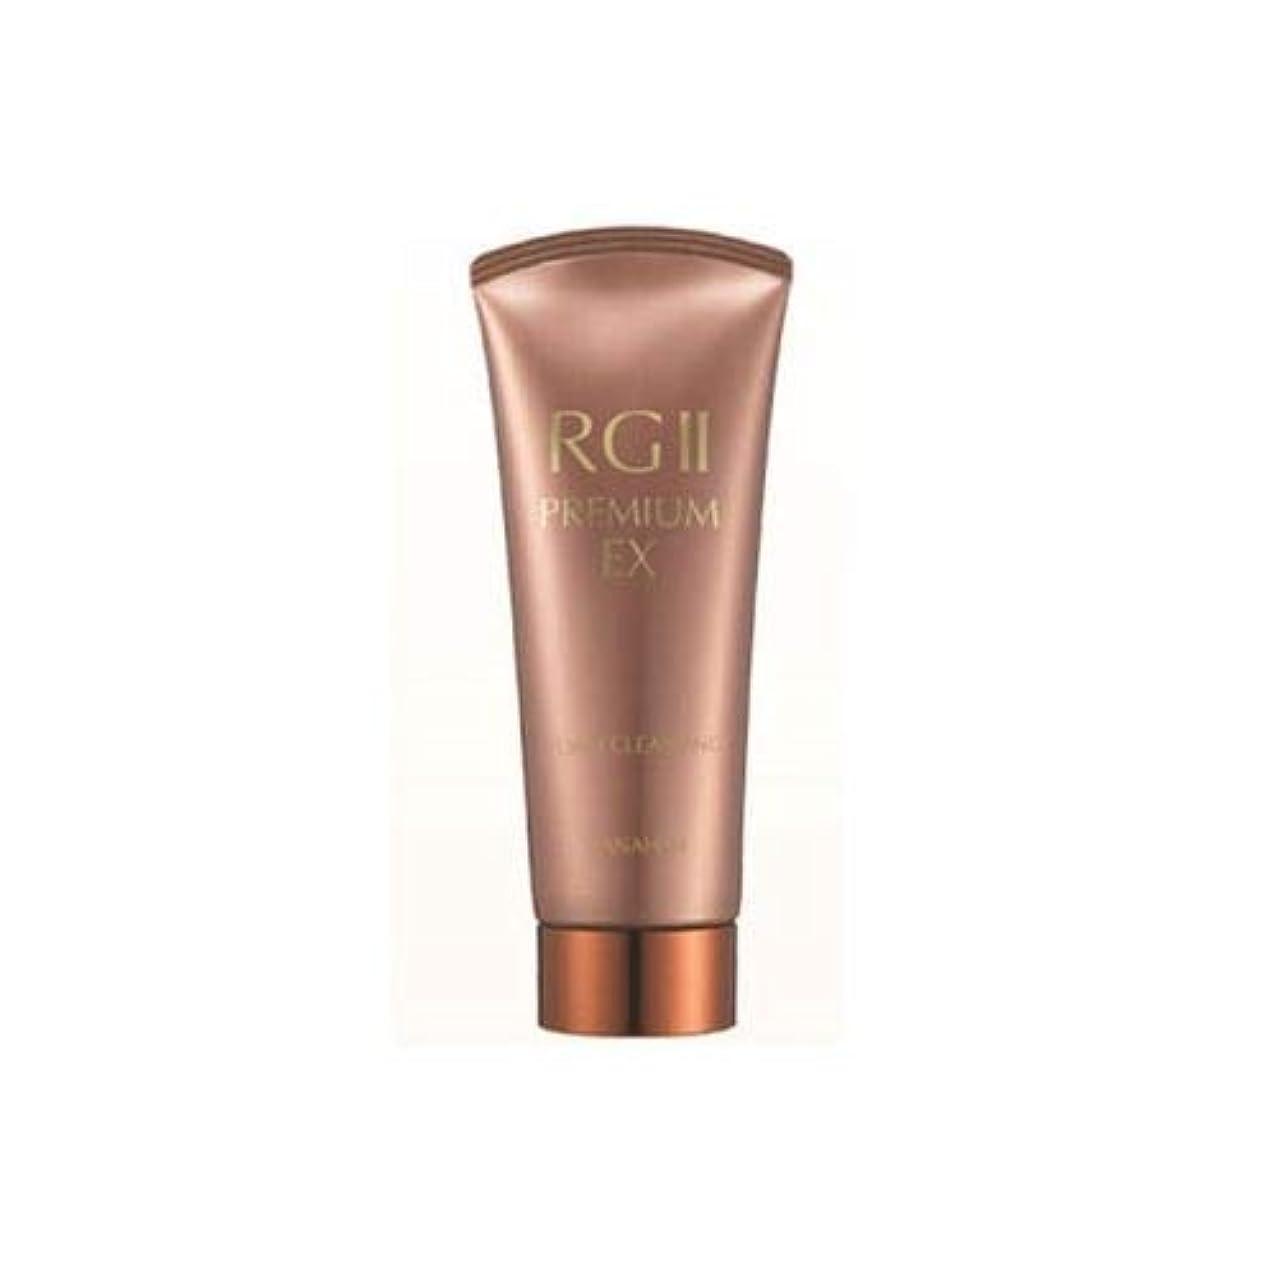 日記メンター杖Danahan RGll Premium EX Foam Cleansing 多娜嫺 (ダナハン) RGll プレミアム EX フォームクレンジング 200ml [並行輸入品]